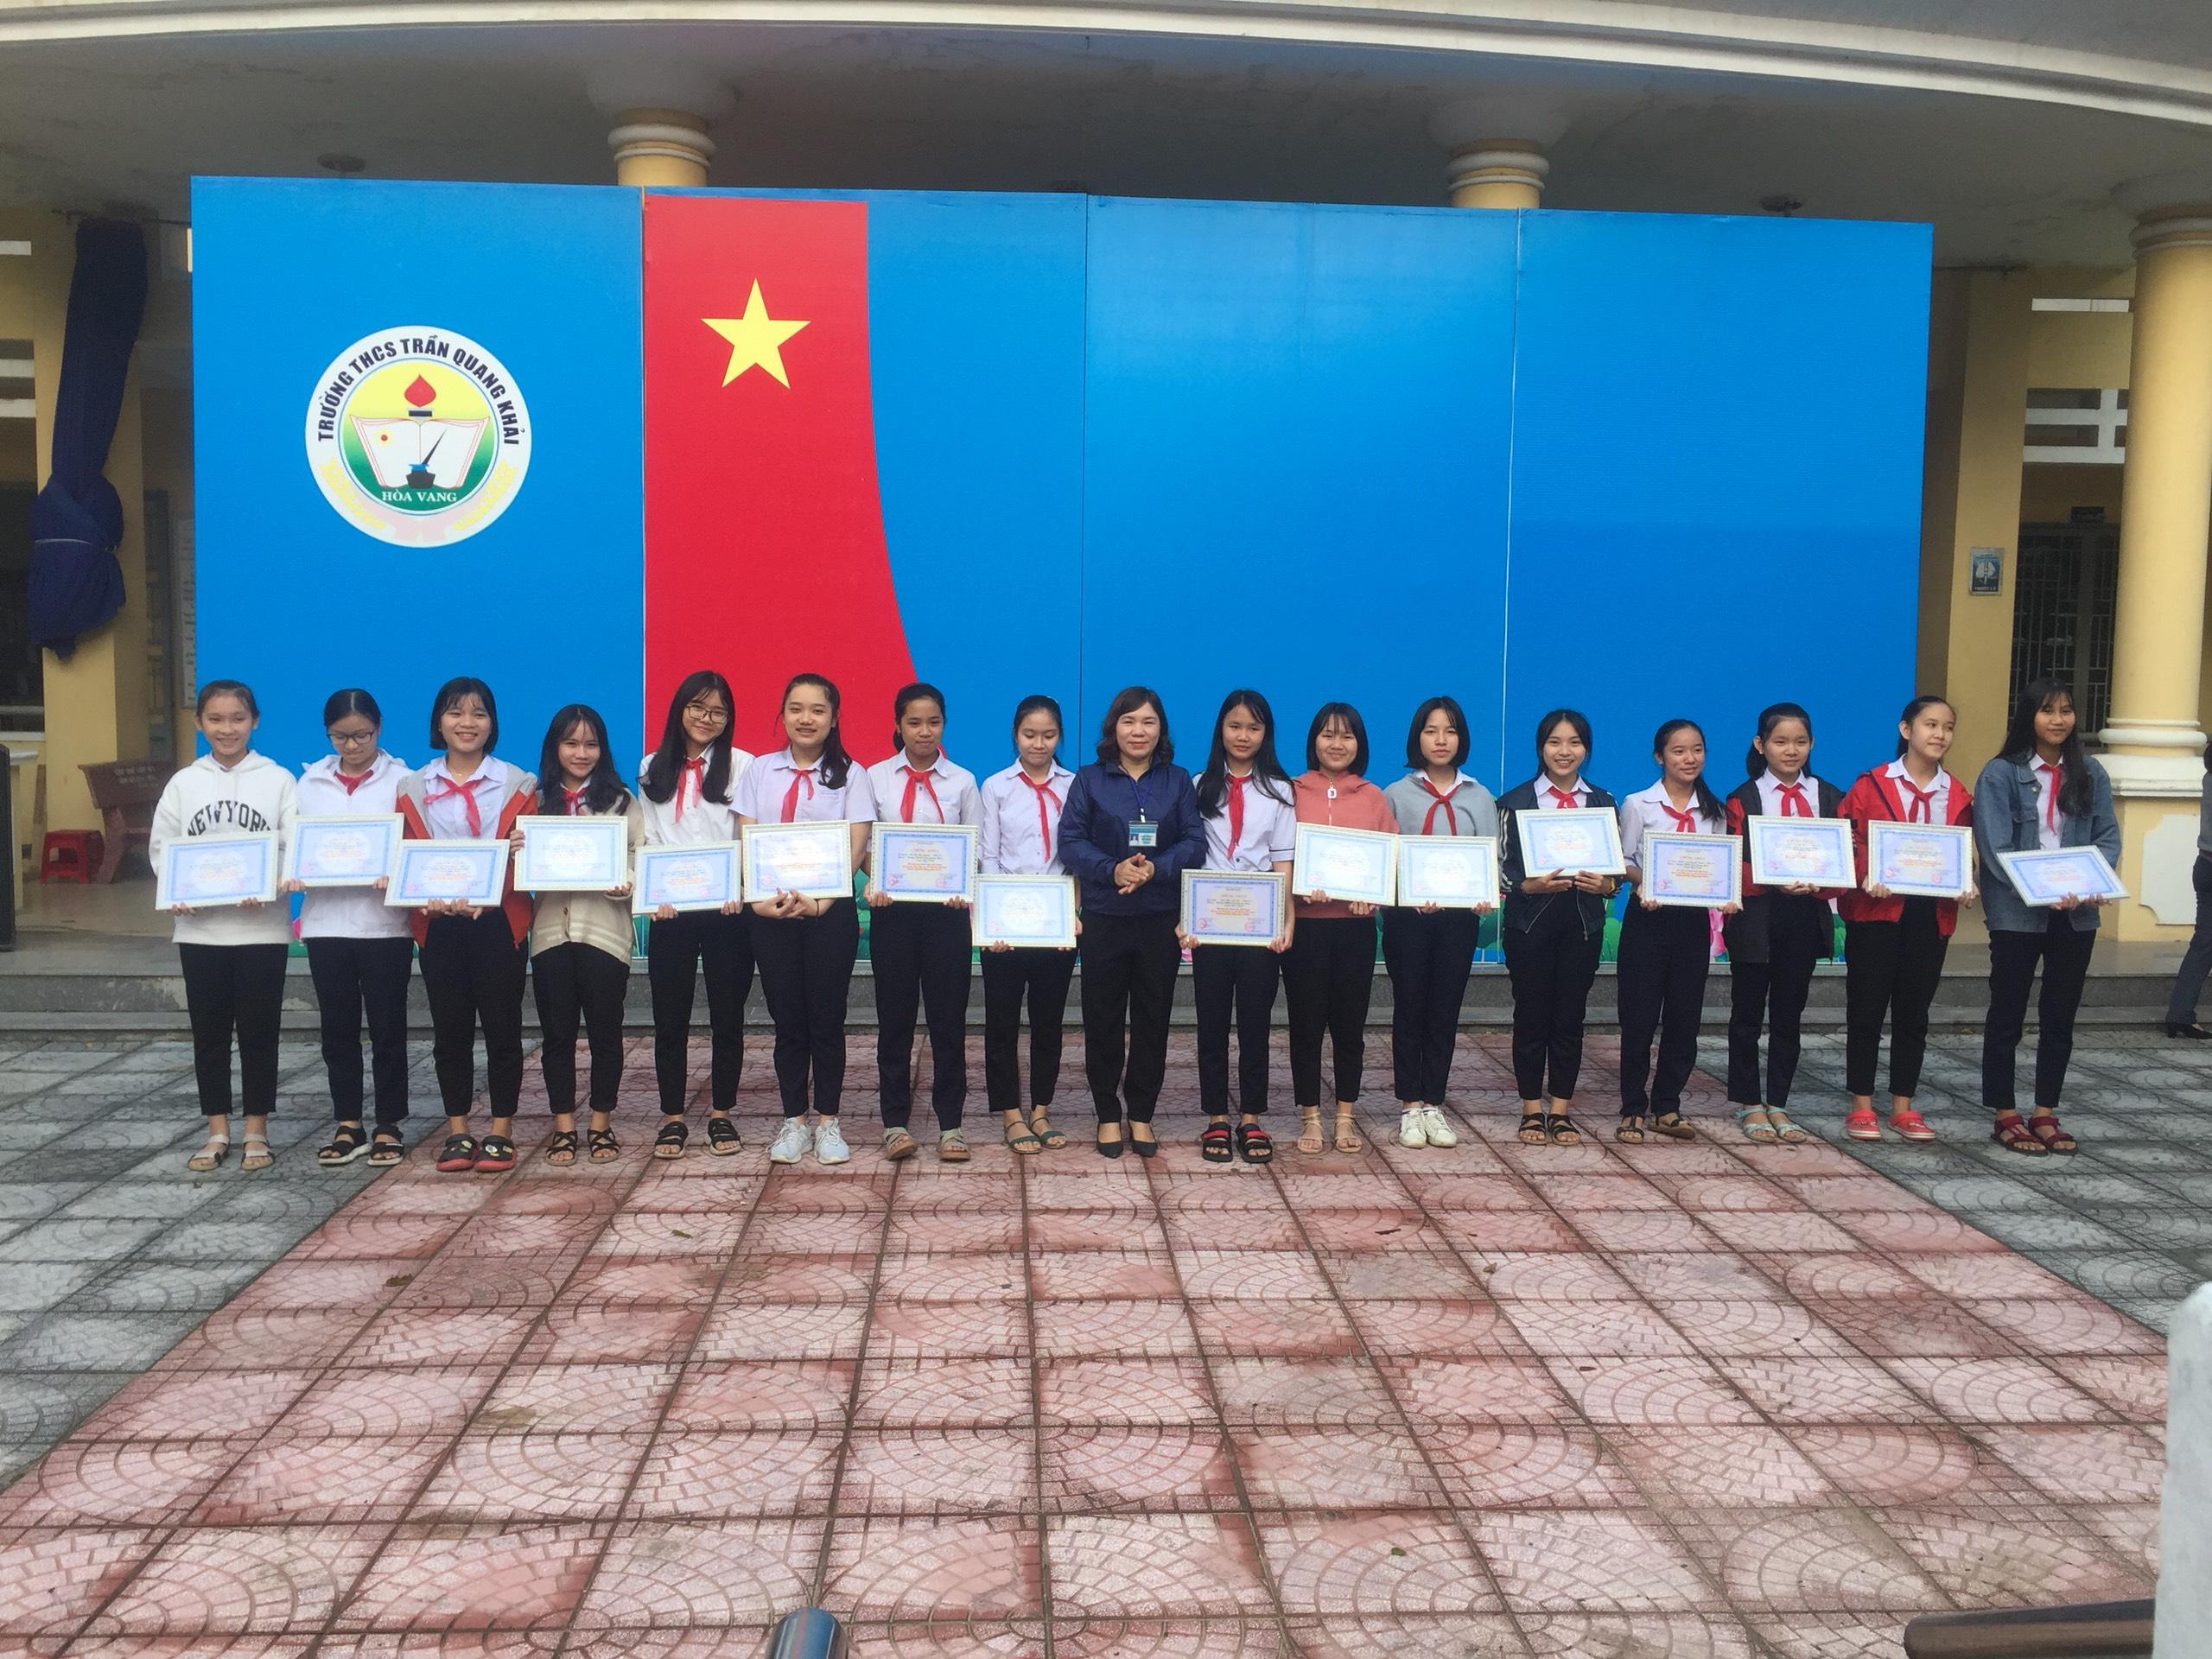 Nhà trường thưởng nóng cho Học sinh đạt giải các môn TDTT và hát dân ca các cấp